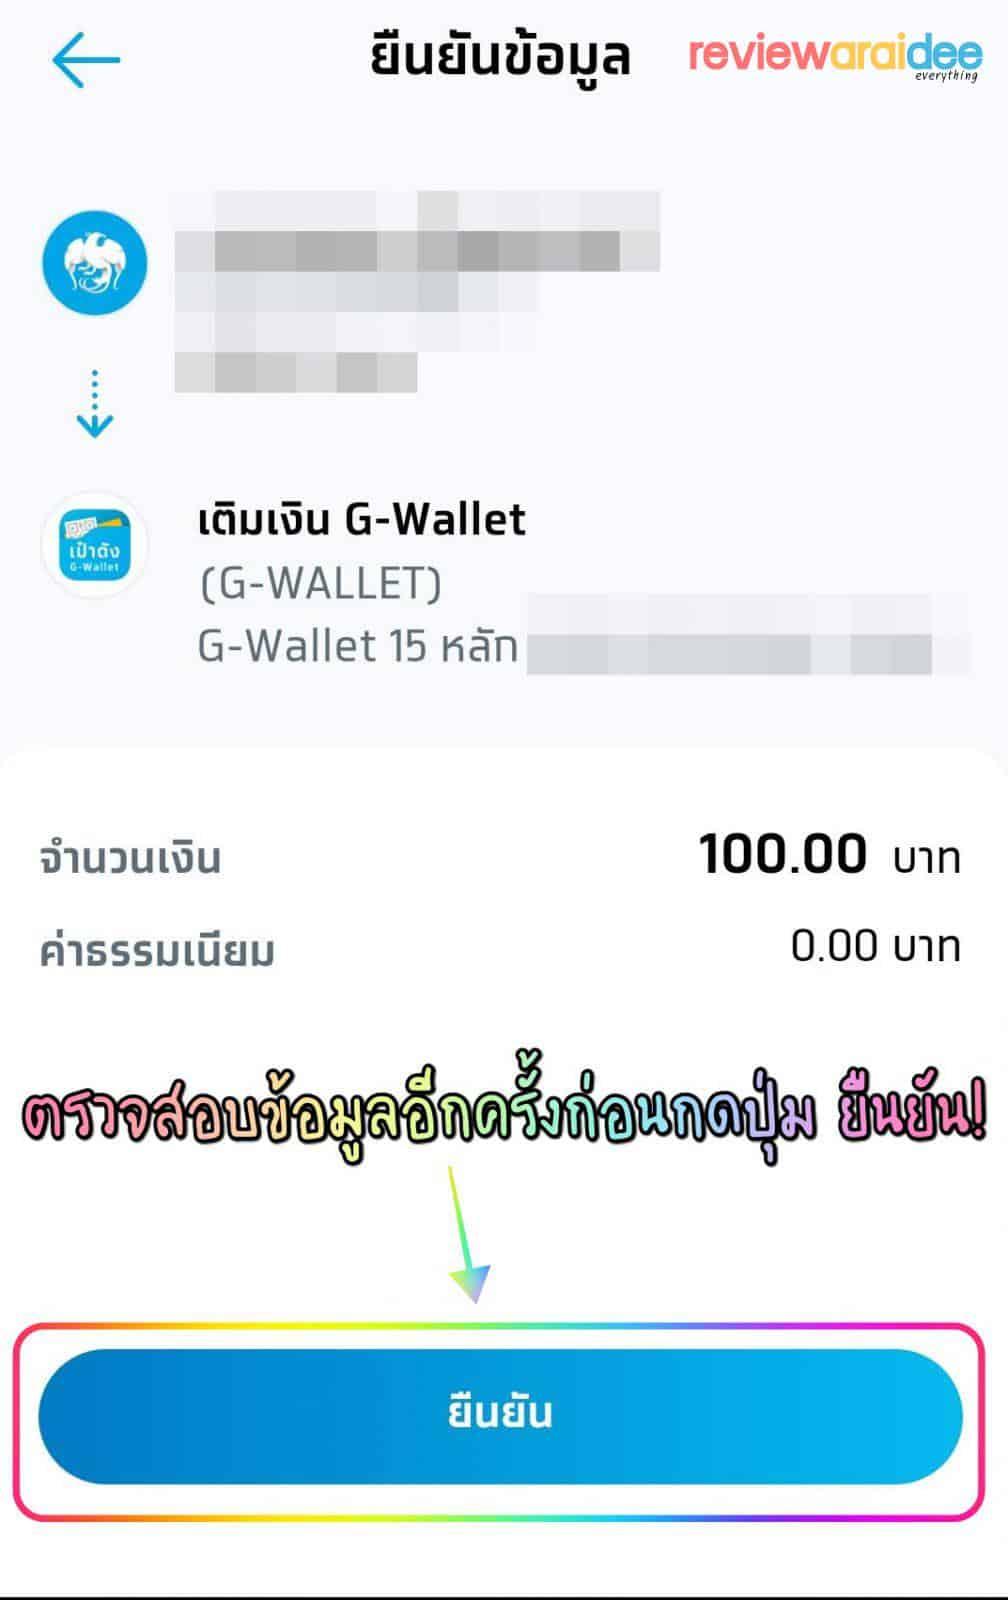 วิธีเติมเงินเป๋าตัง เติมเงิน g wallet ไม่ได้ทำไงดี ?